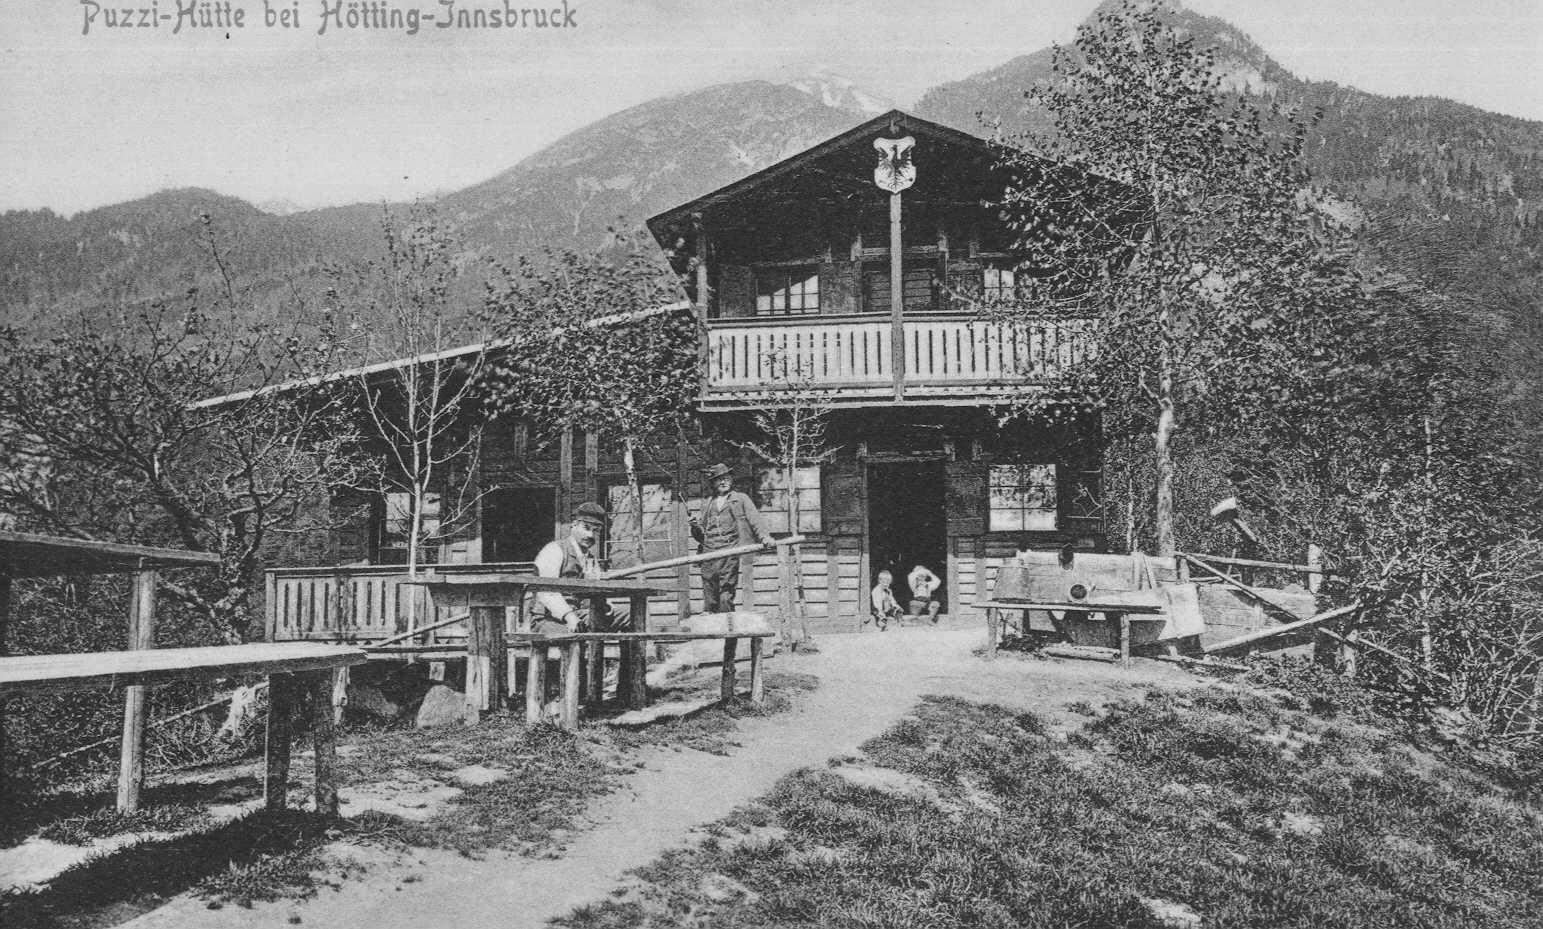 Auf Eine Eiterbeule Zur Buzihütte